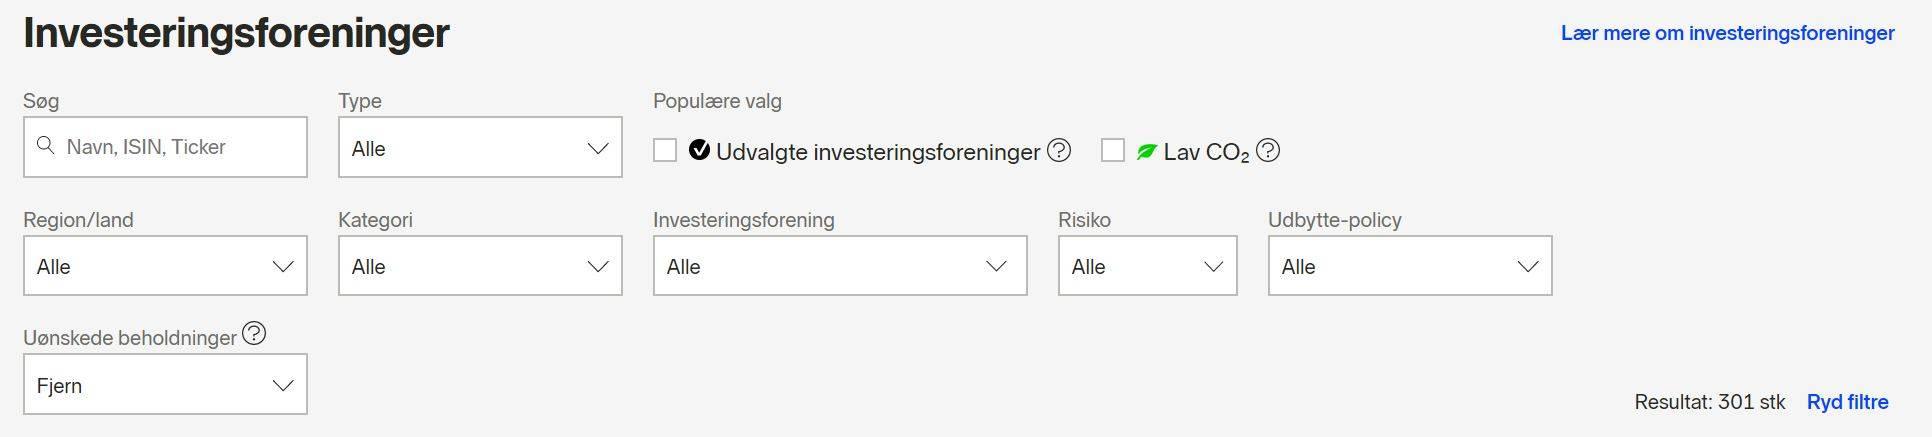 Søgemaskinen man kan bruge til at finde investeringsforeninger med på Nordnet